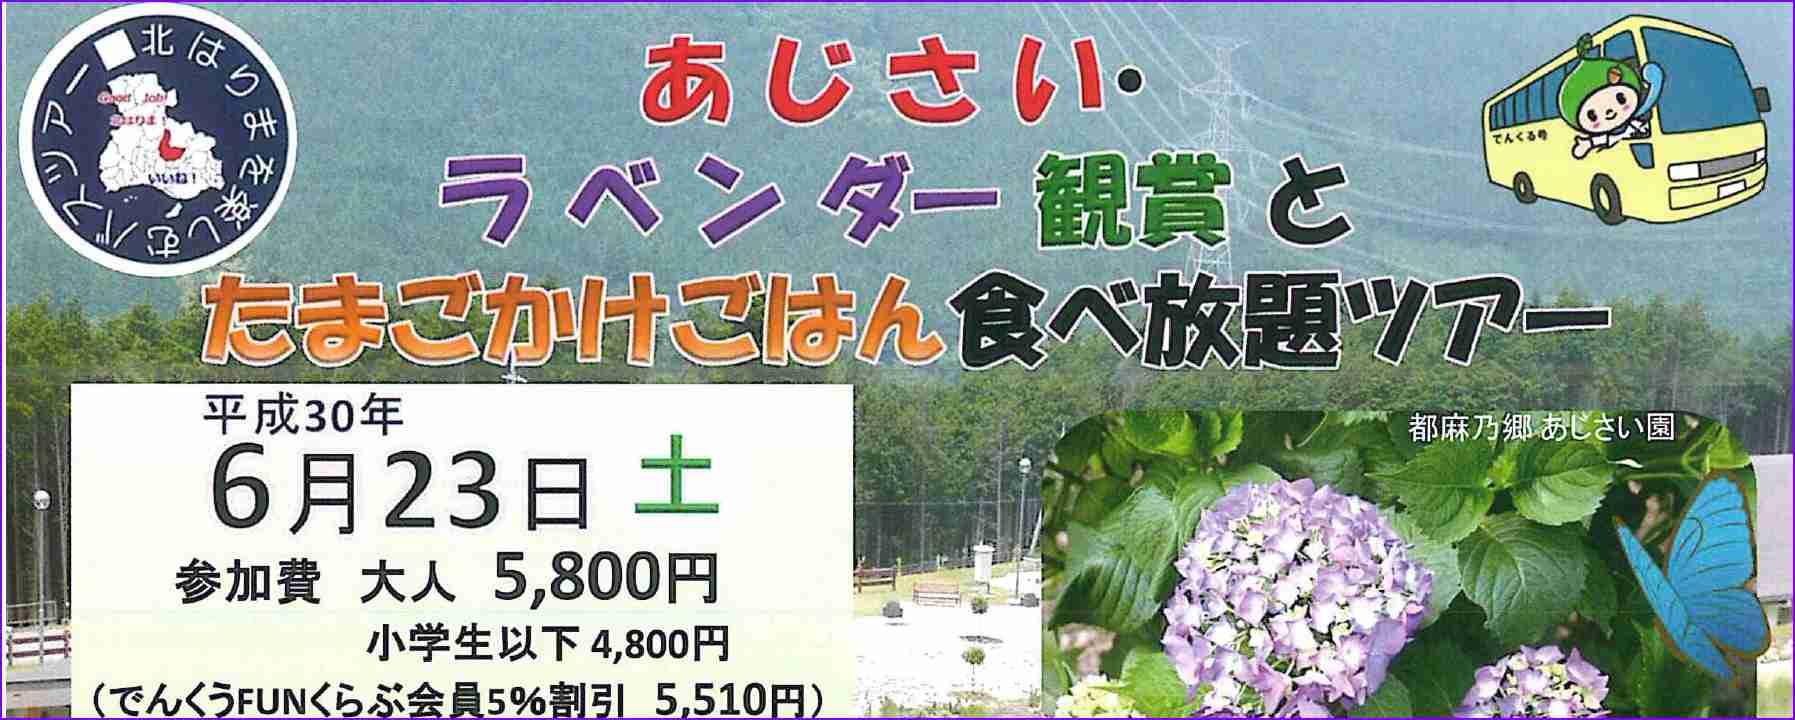 あじさい・ラベンダーバスツアー(5/4)